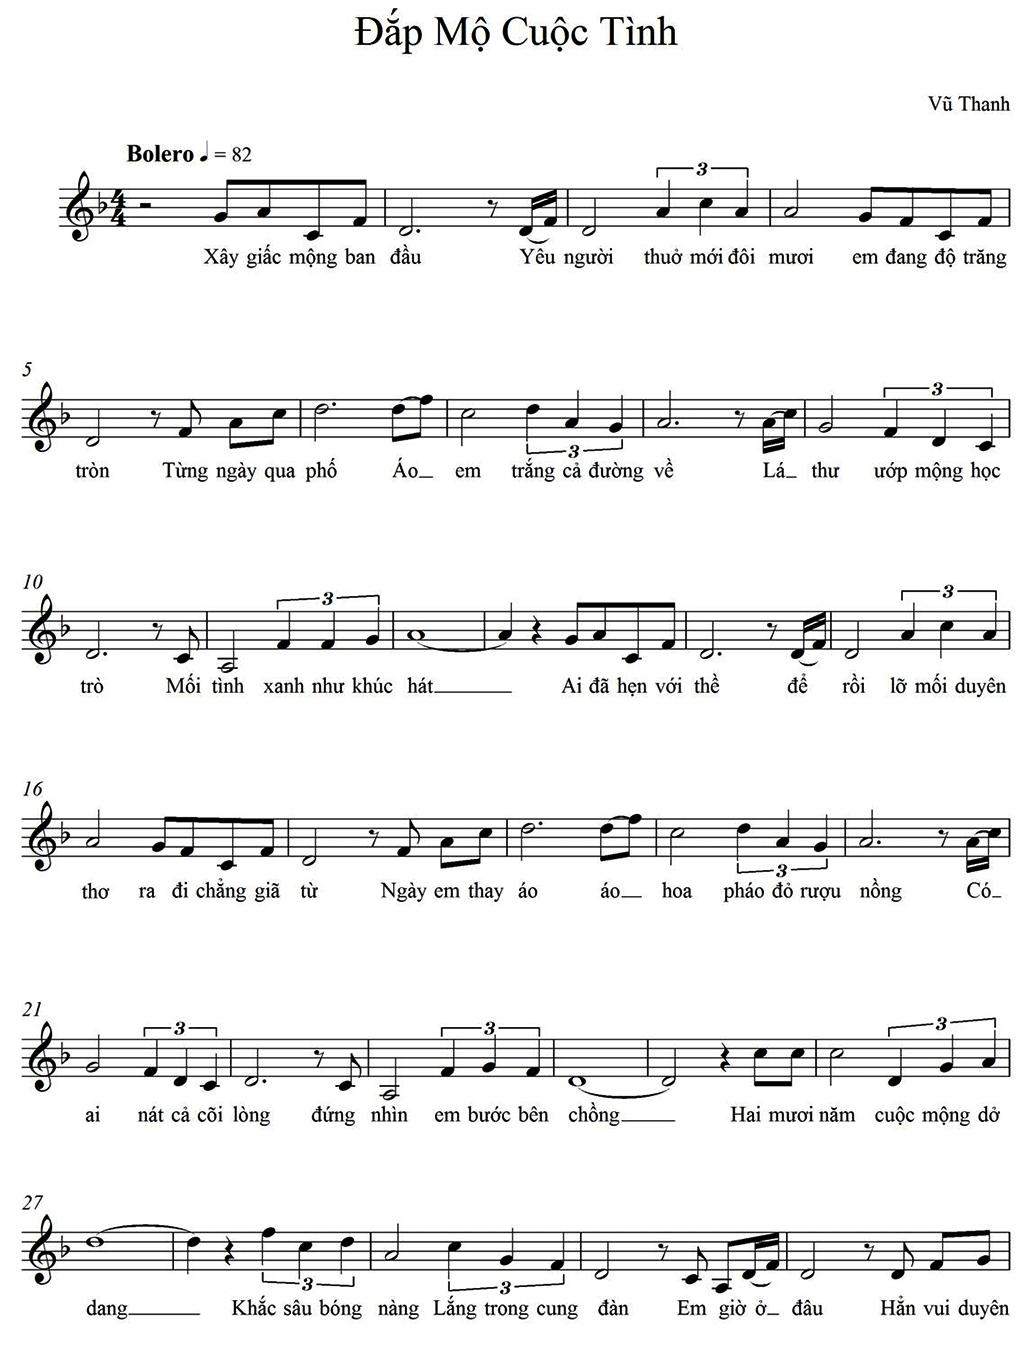 Sheet Nhạc Bai Toi Thấy Hoa Vang Tren Cỏ Xanh Sheet Bai Hat Lời Bai Hat Giang B Hợp Am Thăng Tăng Cỡ Chữ X2 Nh Bai Hat Am Nhạc